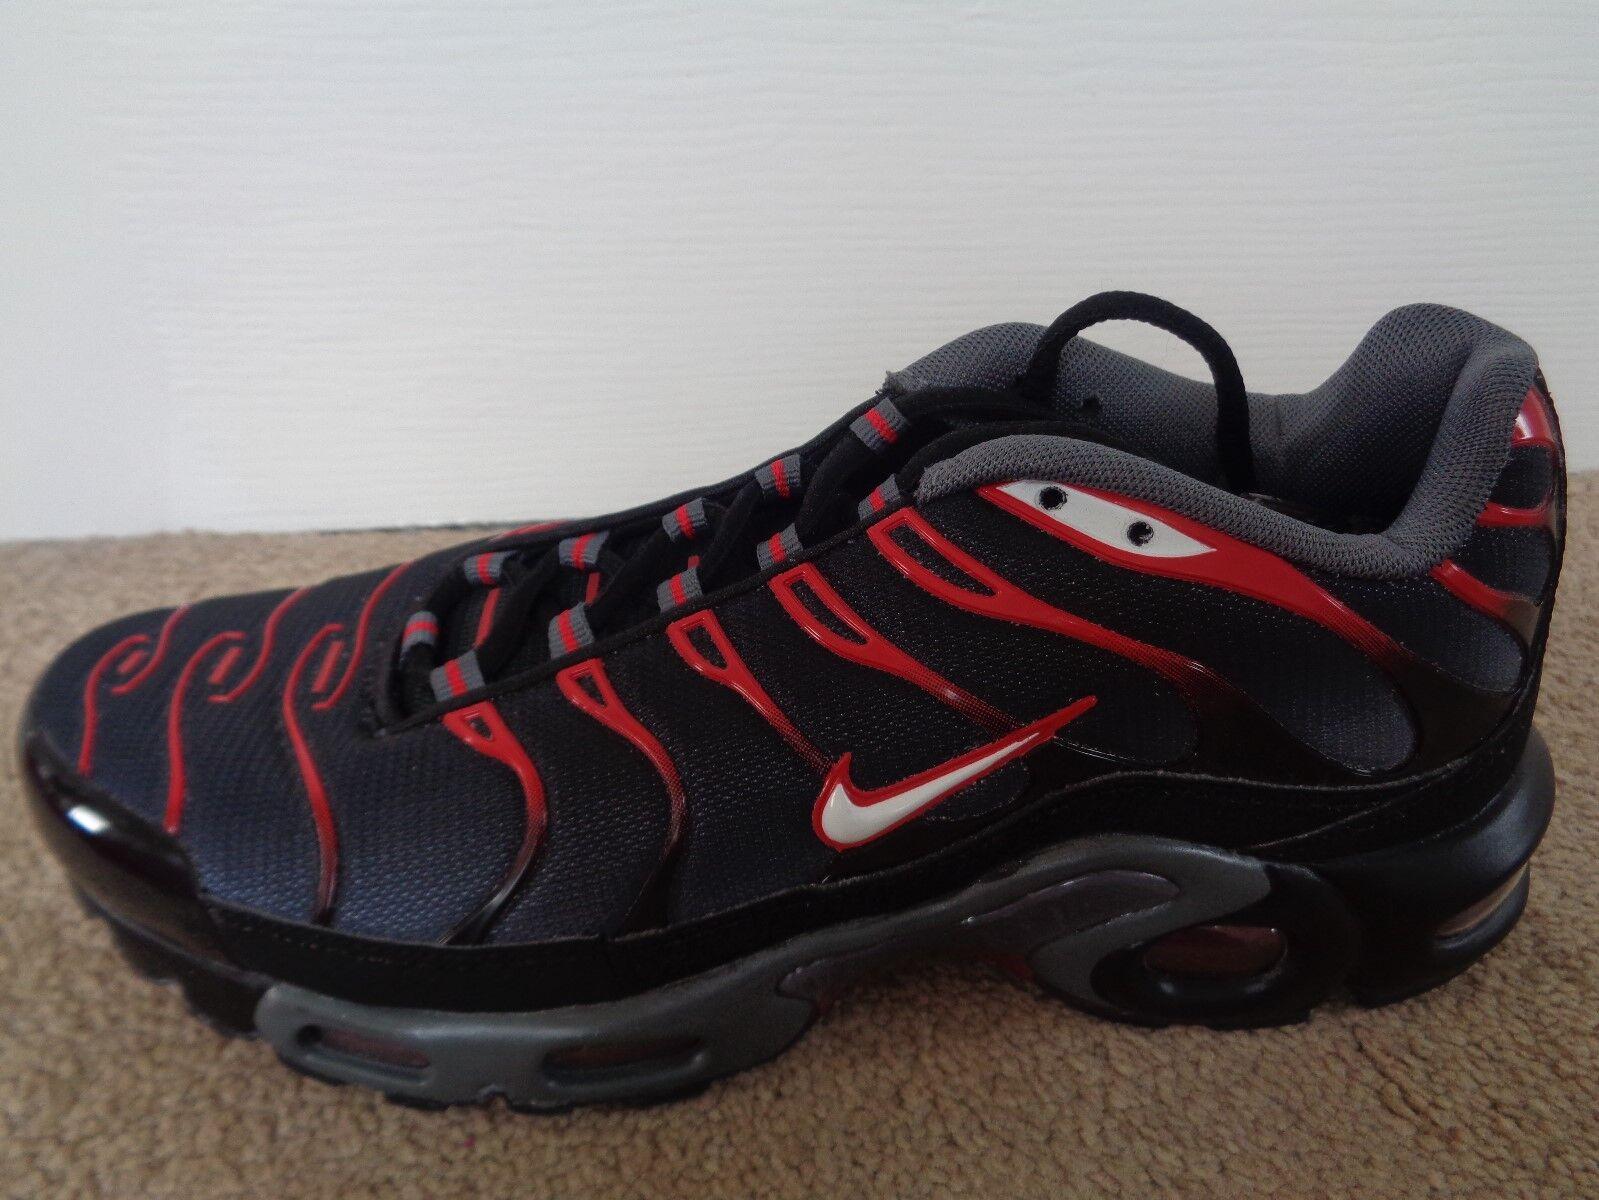 Nike air max e formatori scarpe 852630 002 eu 40,5 40,5 40,5 noi 7,5 nuovi   box | prendere in considerazione  | Uomini/Donna Scarpa  2a964d